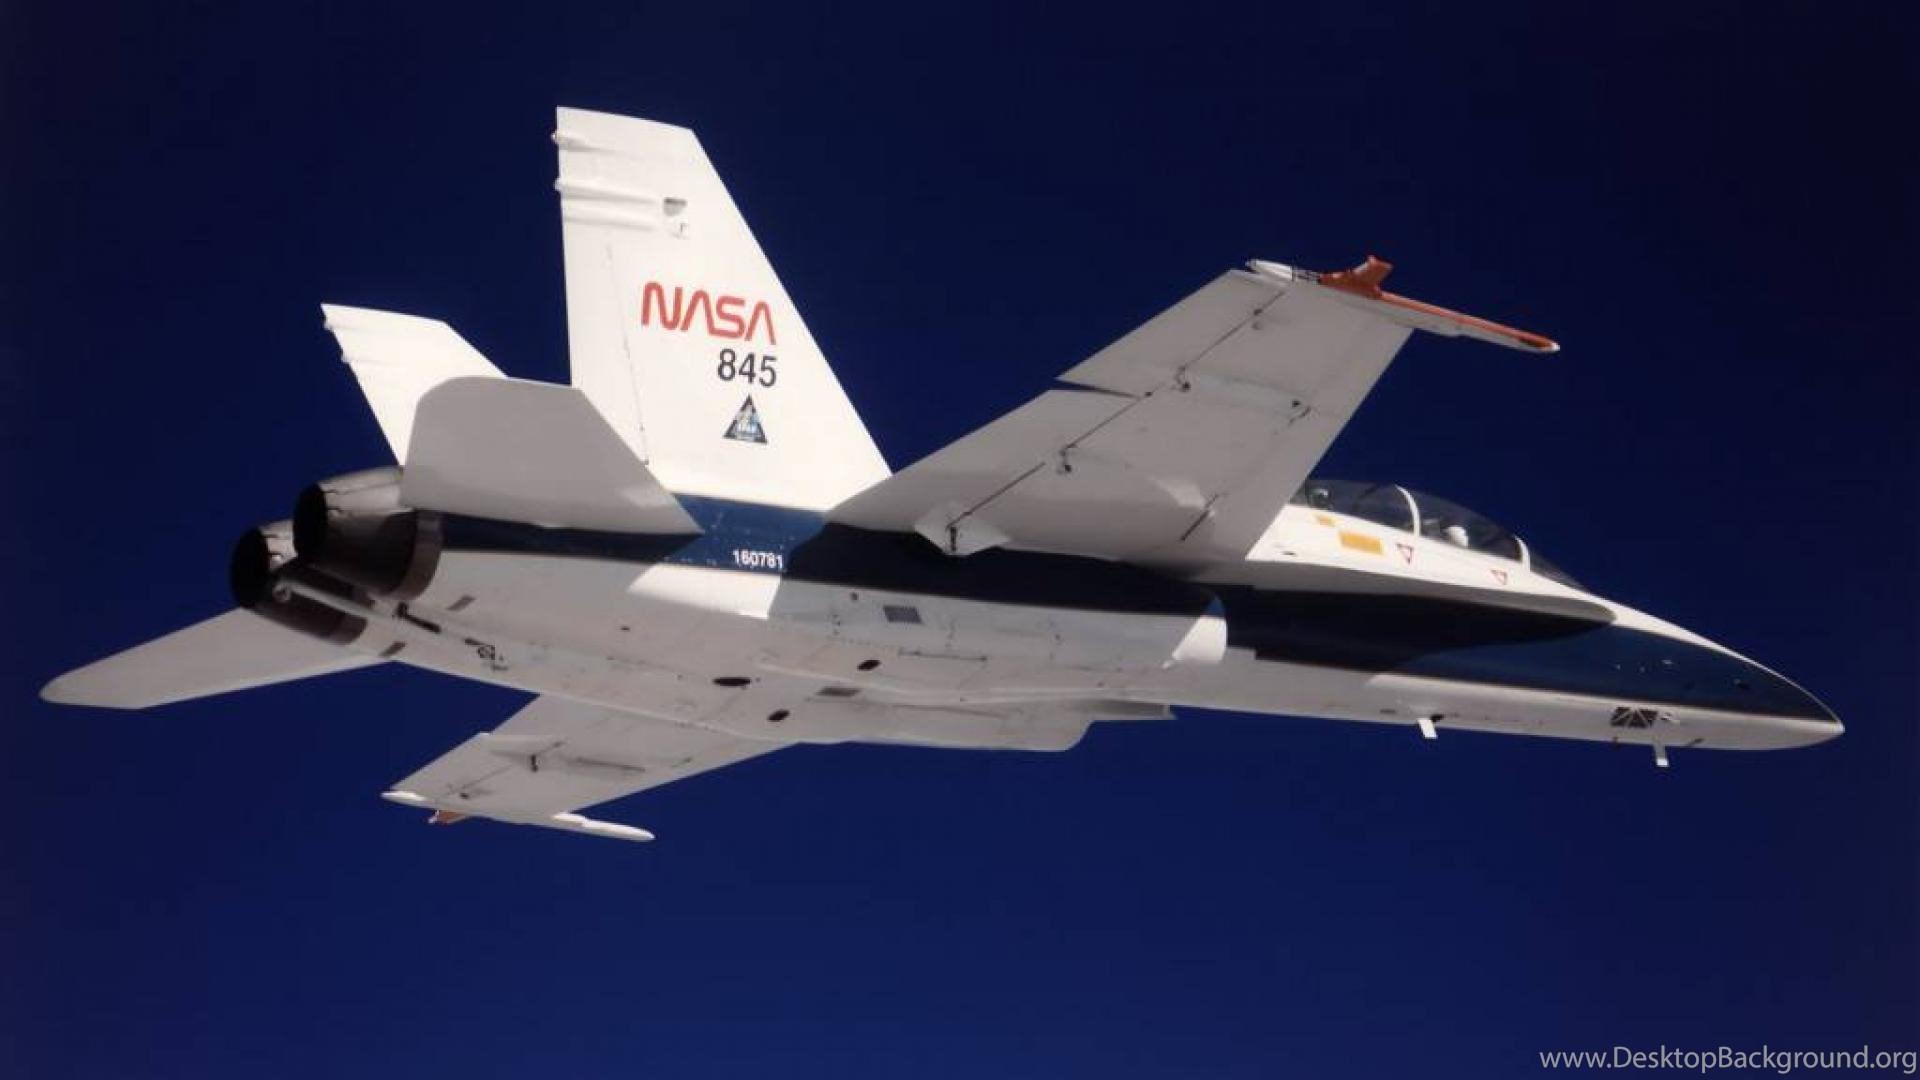 nasa aircraft inventory - 1024×576